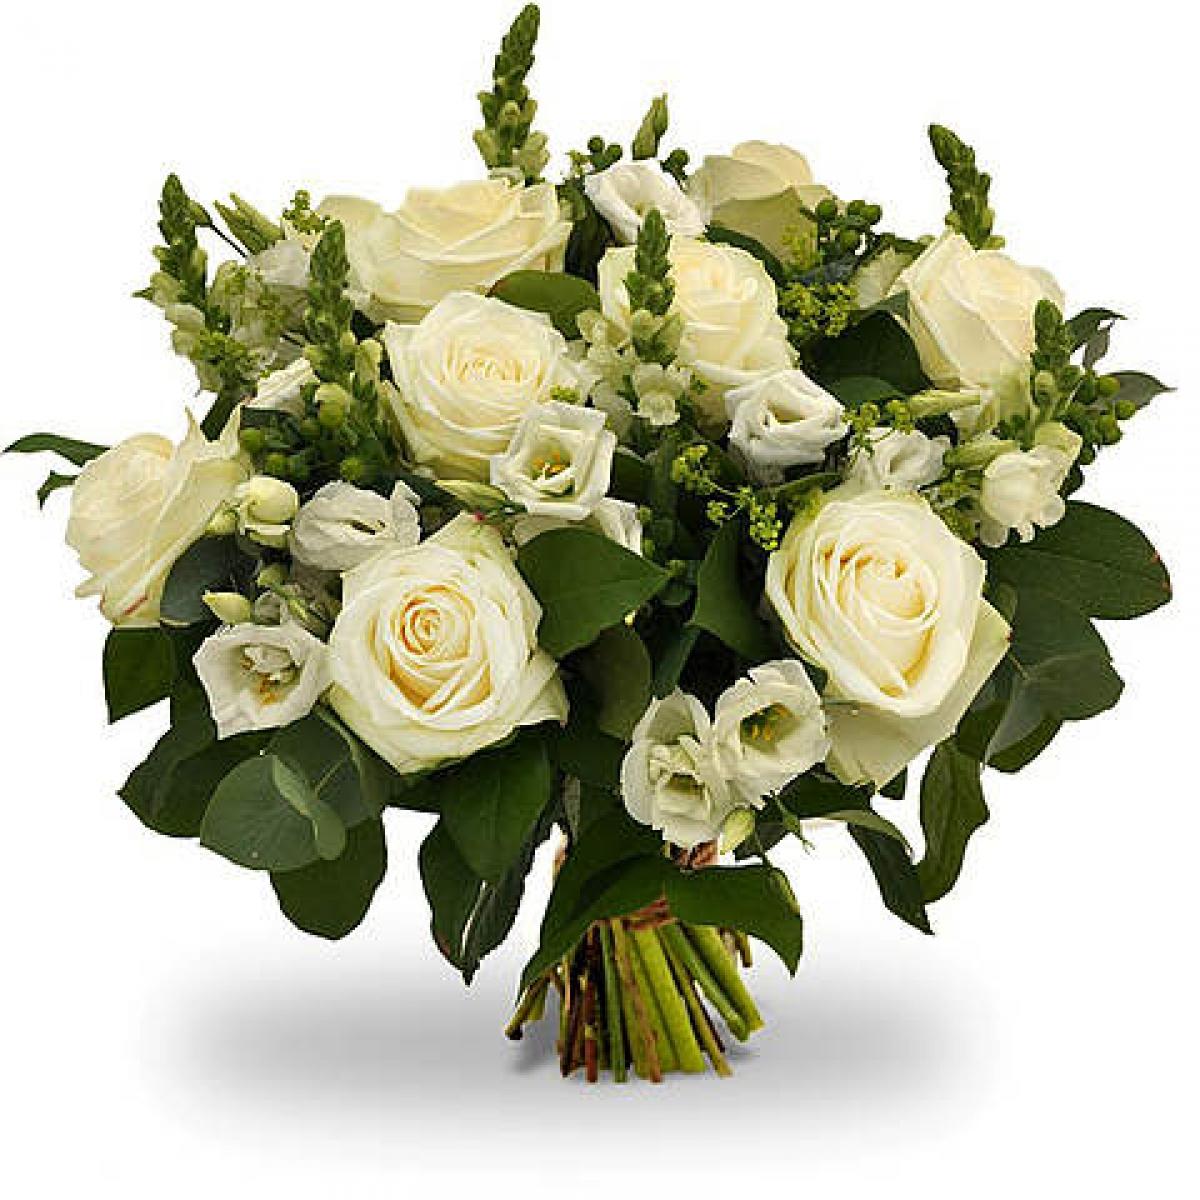 livraison fleurs bouquet de fleurs mariage amande floraclic. Black Bedroom Furniture Sets. Home Design Ideas